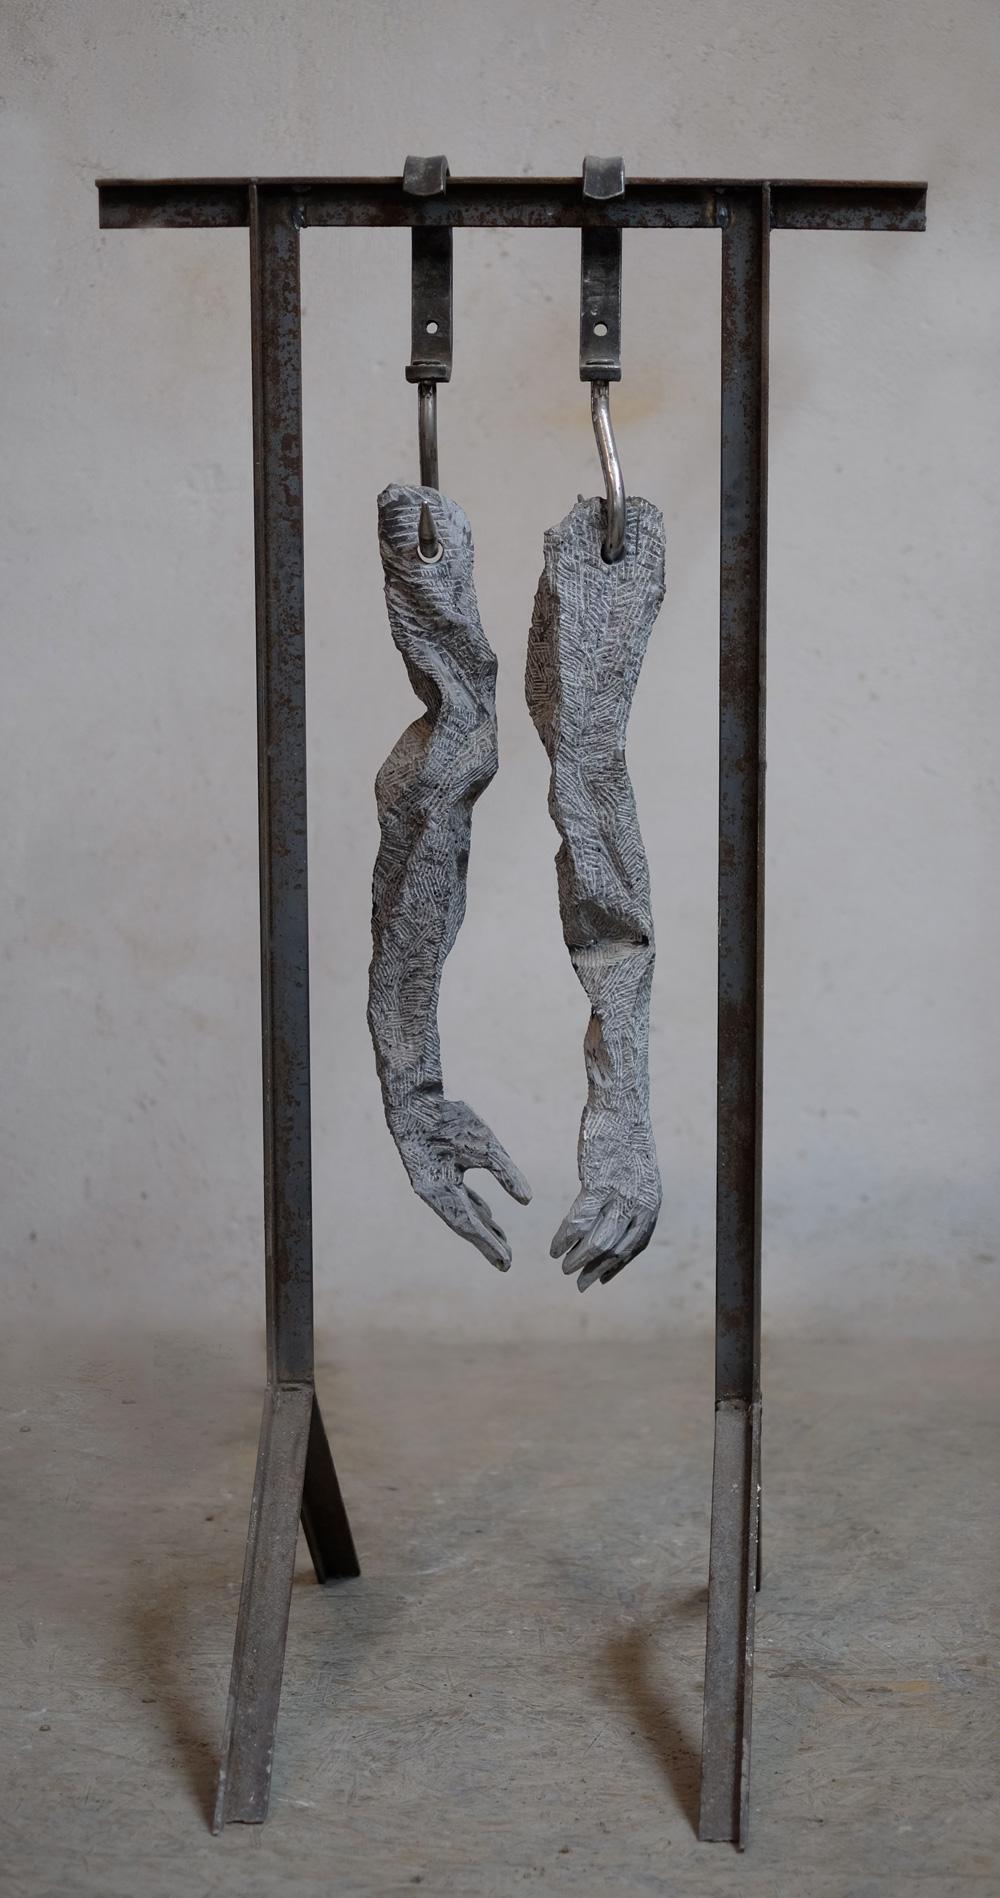 Cătălin Bădărău, Working force, 2014, Sculpture, mixed media, 140x70x30cm (HxWxD)